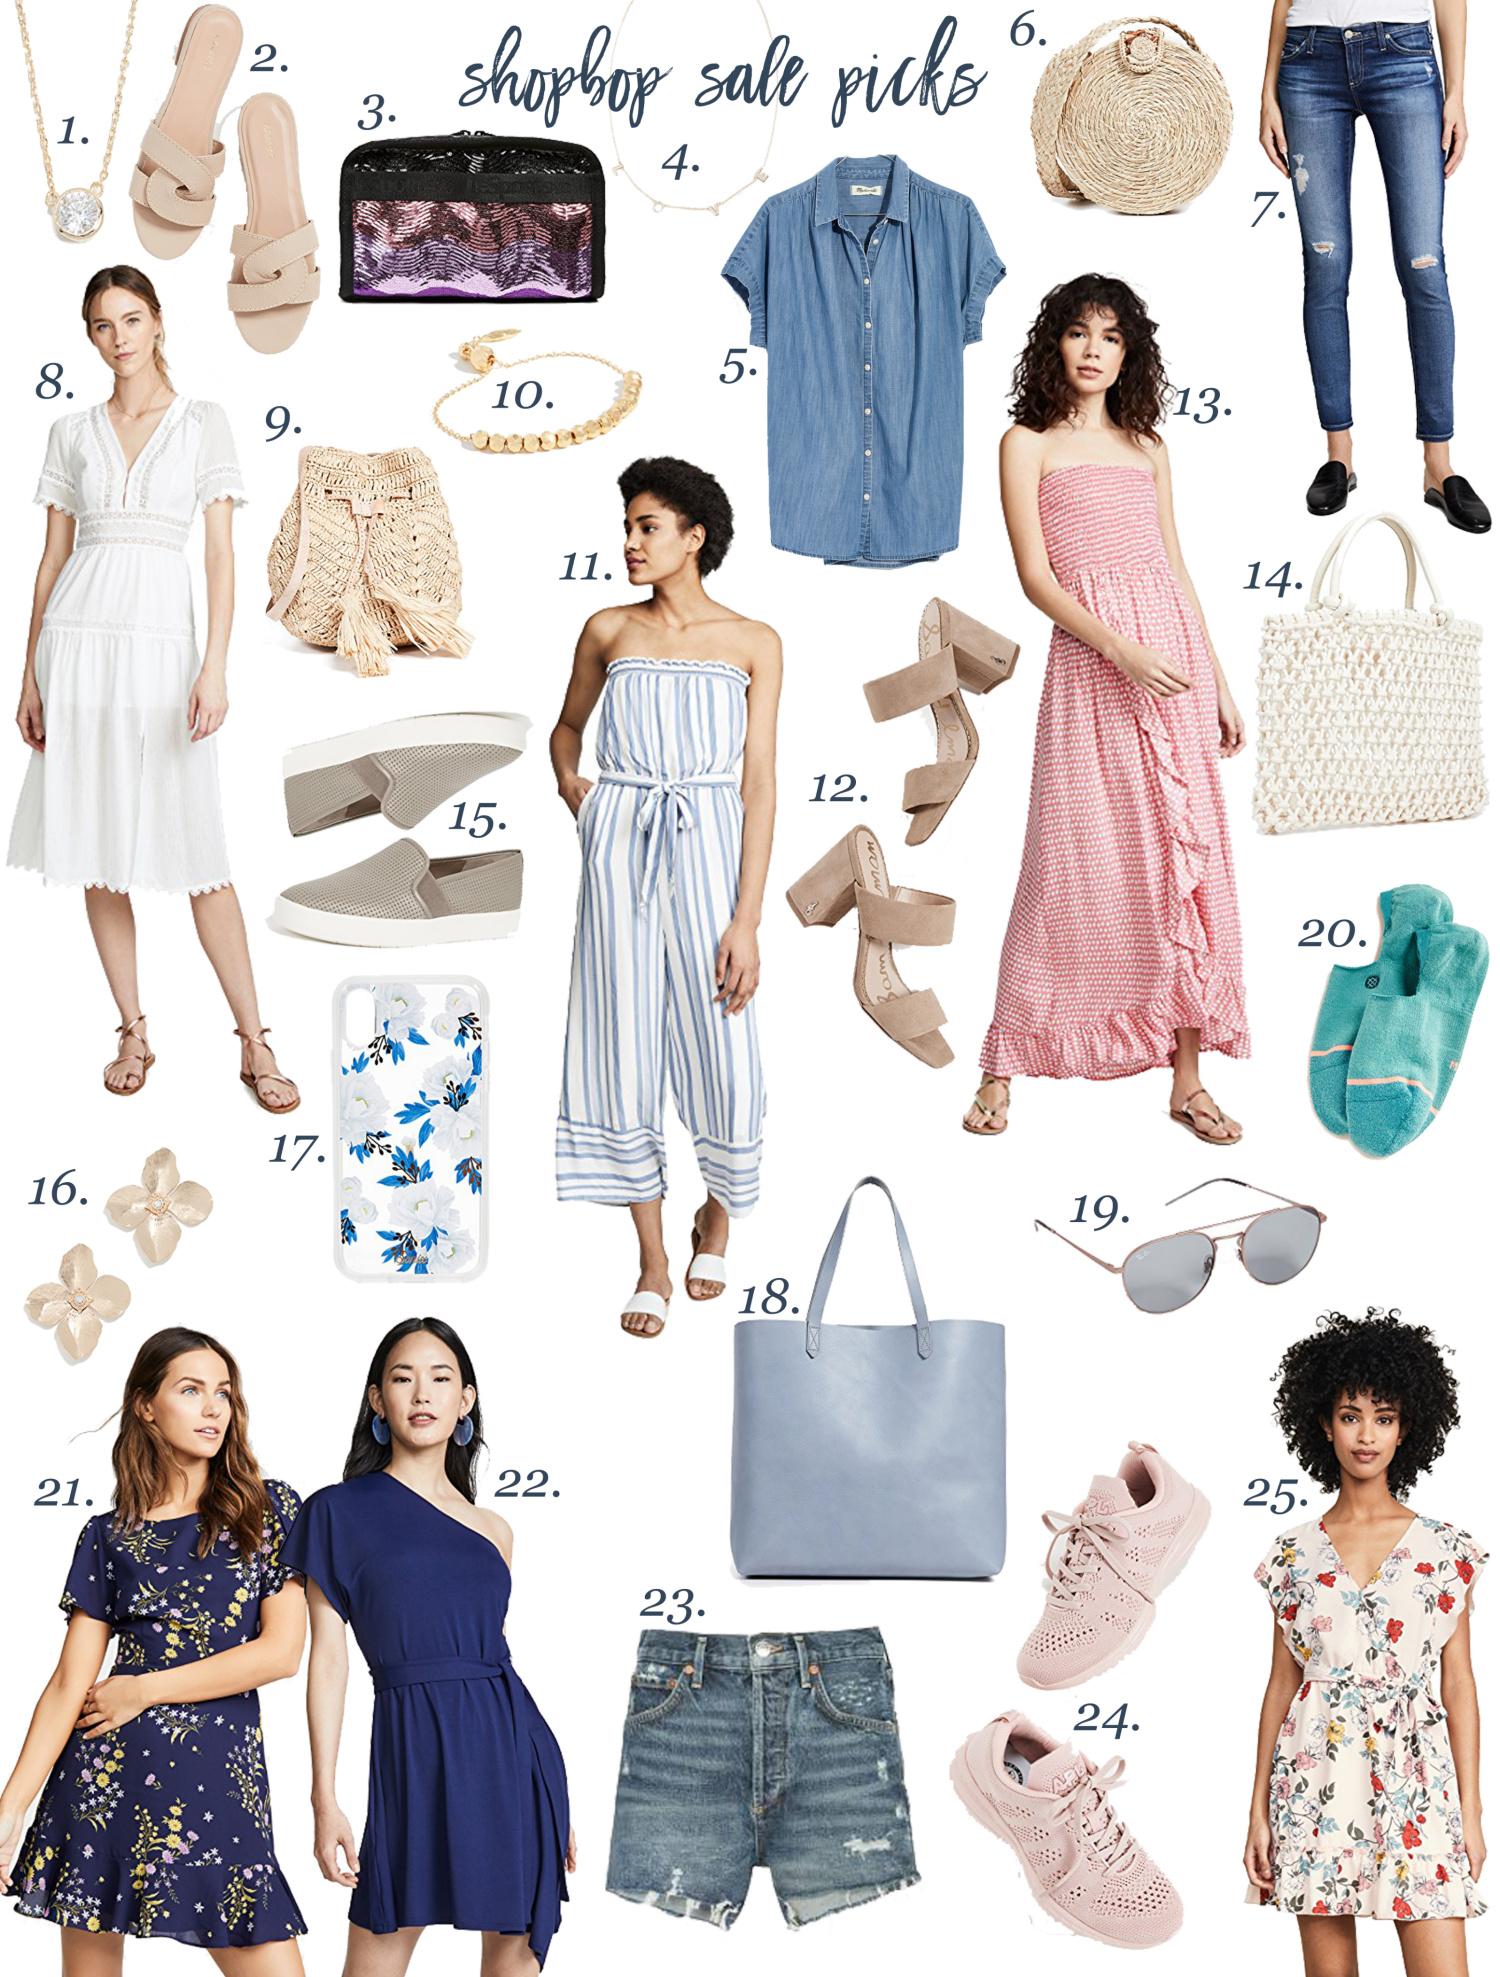 shopbop sale picks 2019